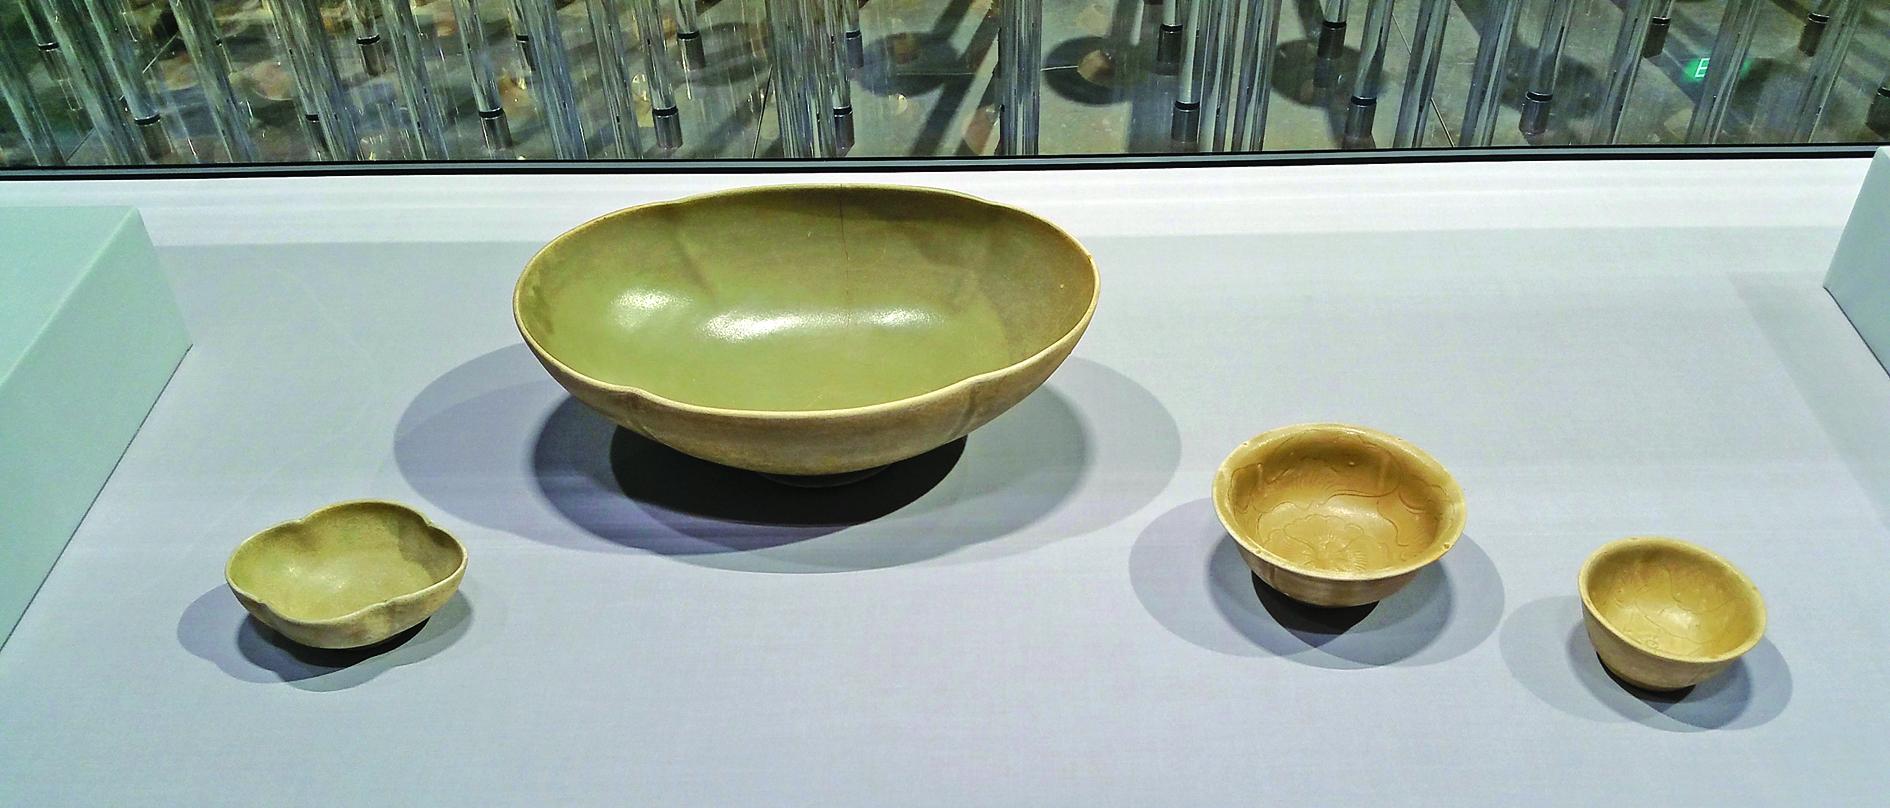 【附圖1】唐代越窯青瓷:花口碗、花口超大碗、中碗、小碗 。(沈靜/大紀元)